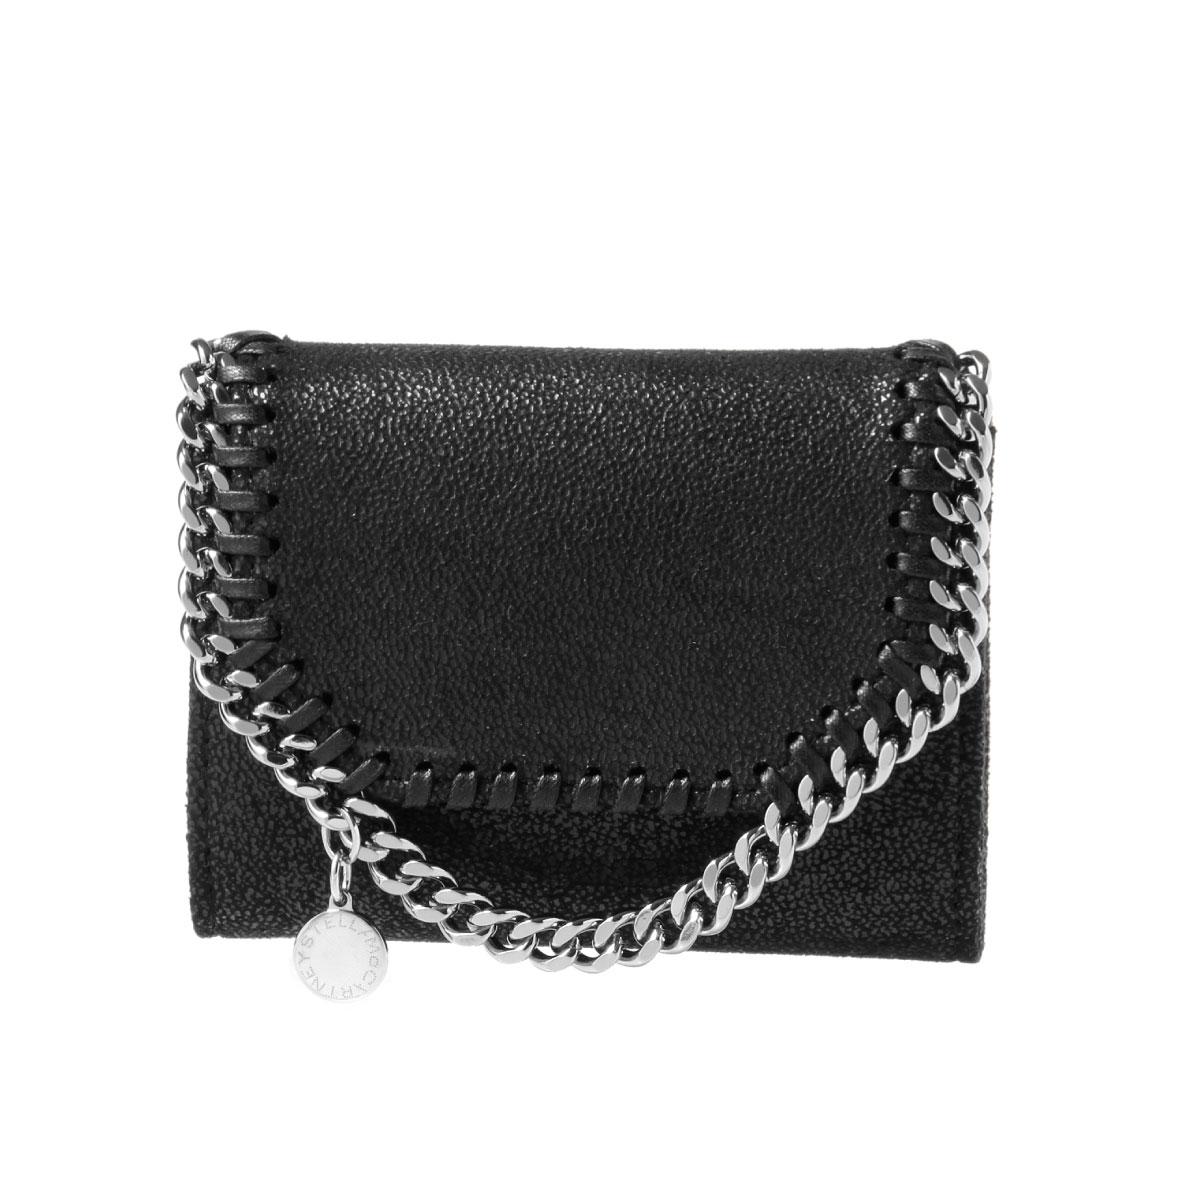 ステラ マッカートニー STELLA McCARTNEY 財布 レディース 391836 W9132 1000 二つ折り財布 スモール FALABELLA ファラベラ BLACK ブラック